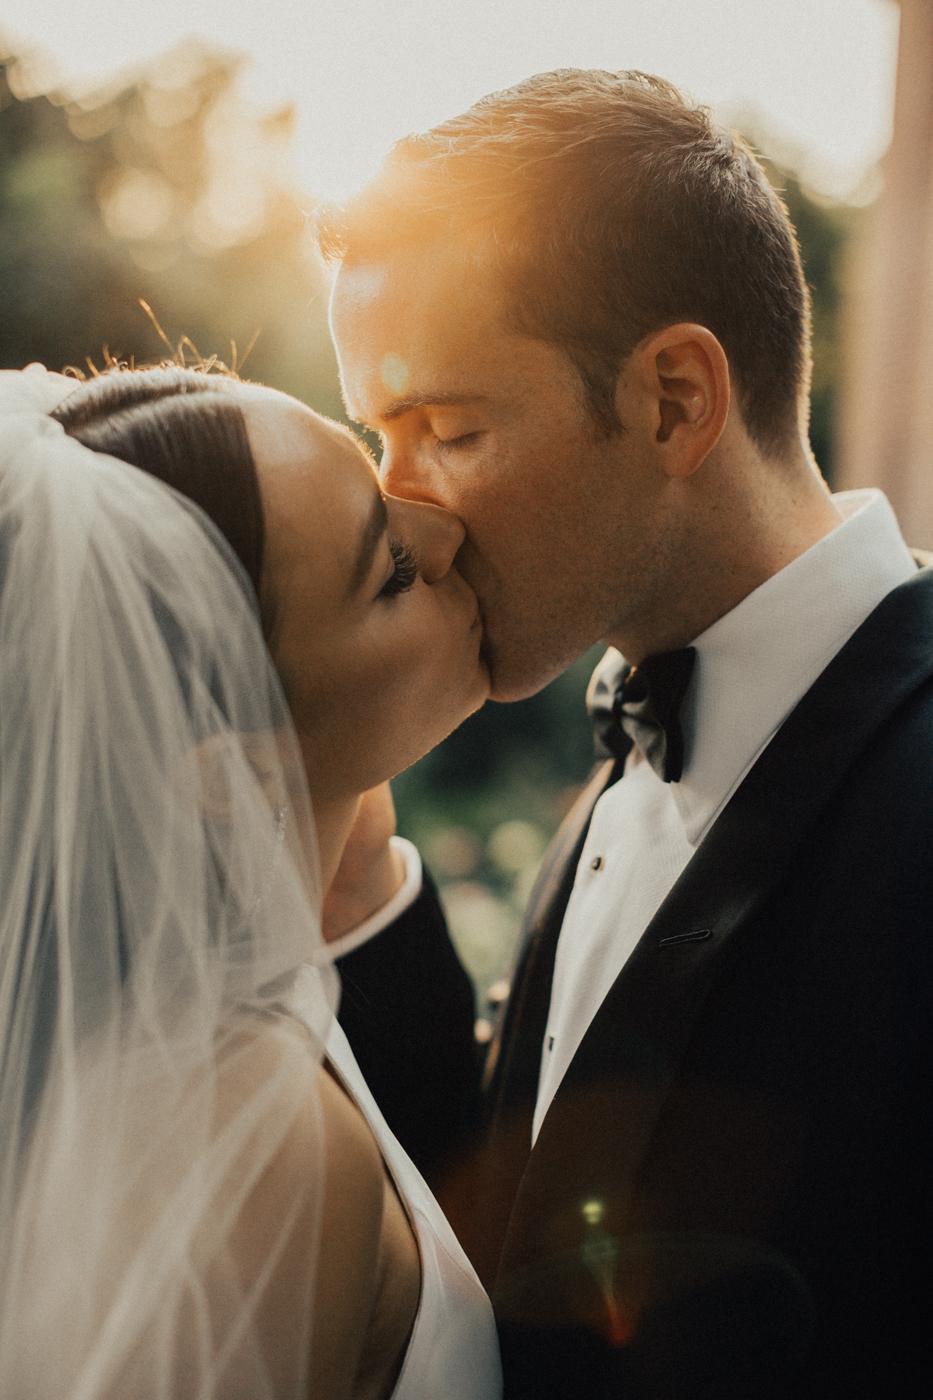 Nicole+Tyler_JMWeddingCo-112.jpg